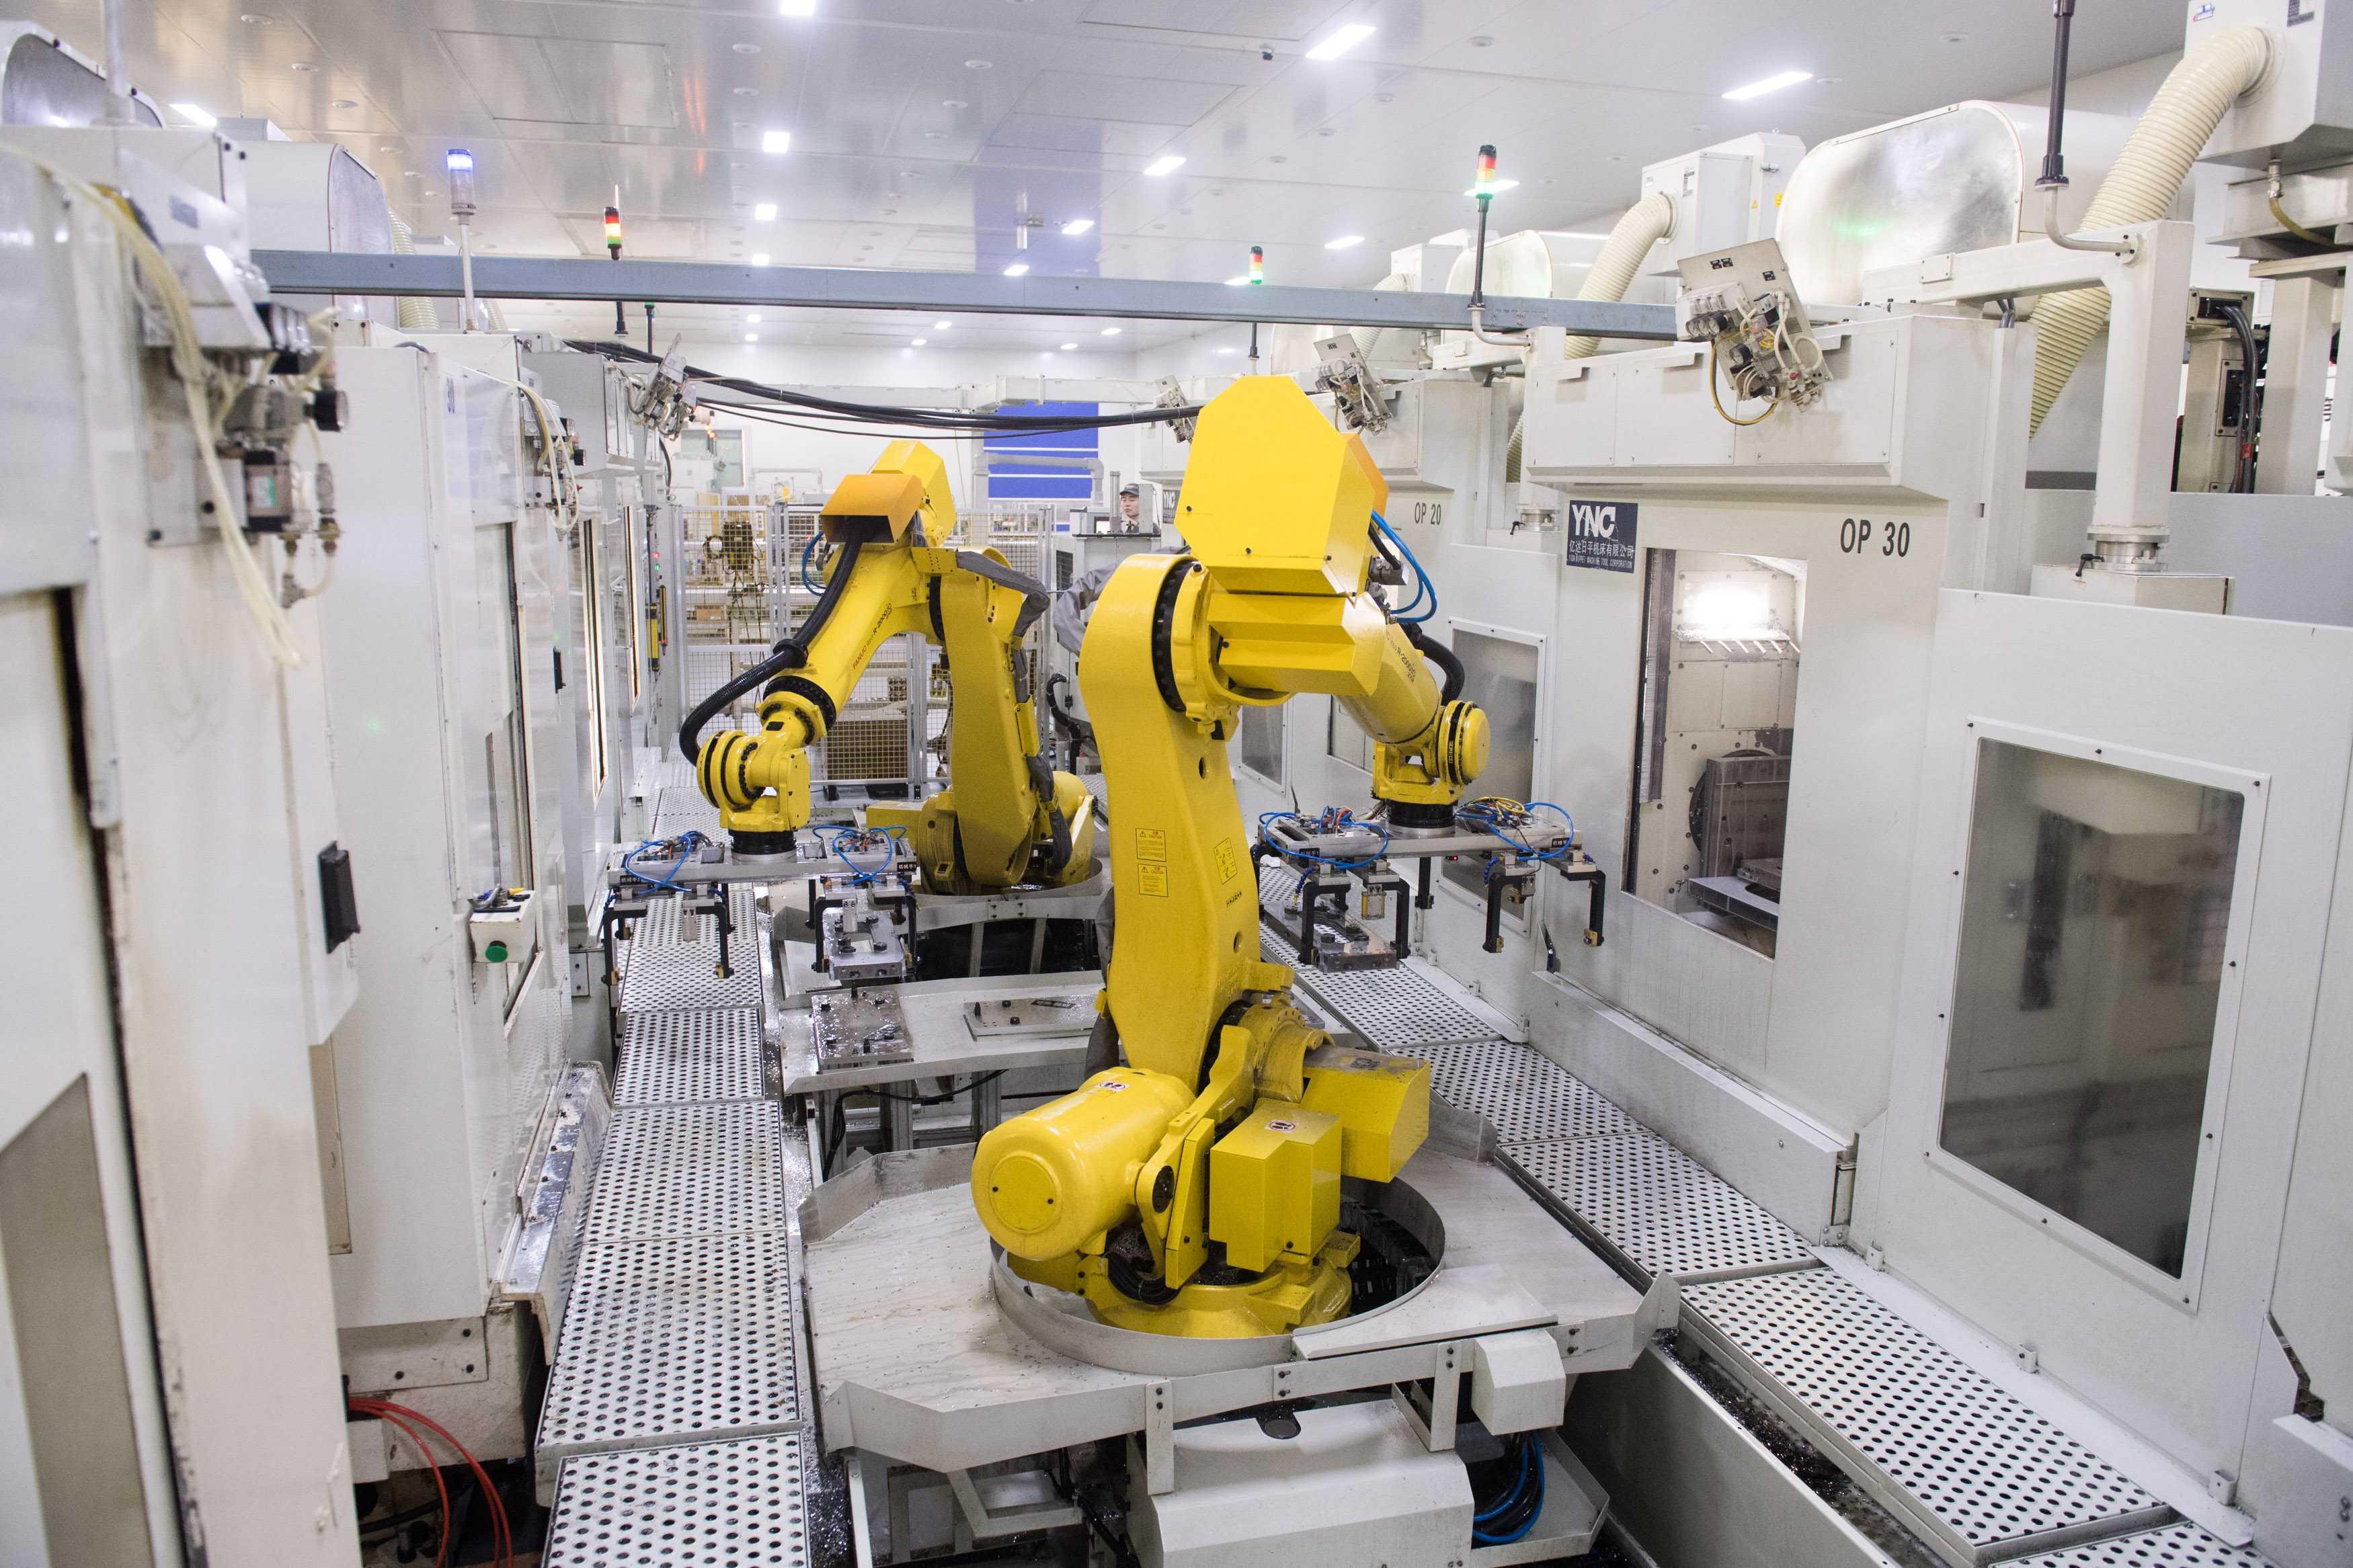 在这条生产线上,1个工人可操纵4台机器人,轻松完成相当于以前30个工人图片